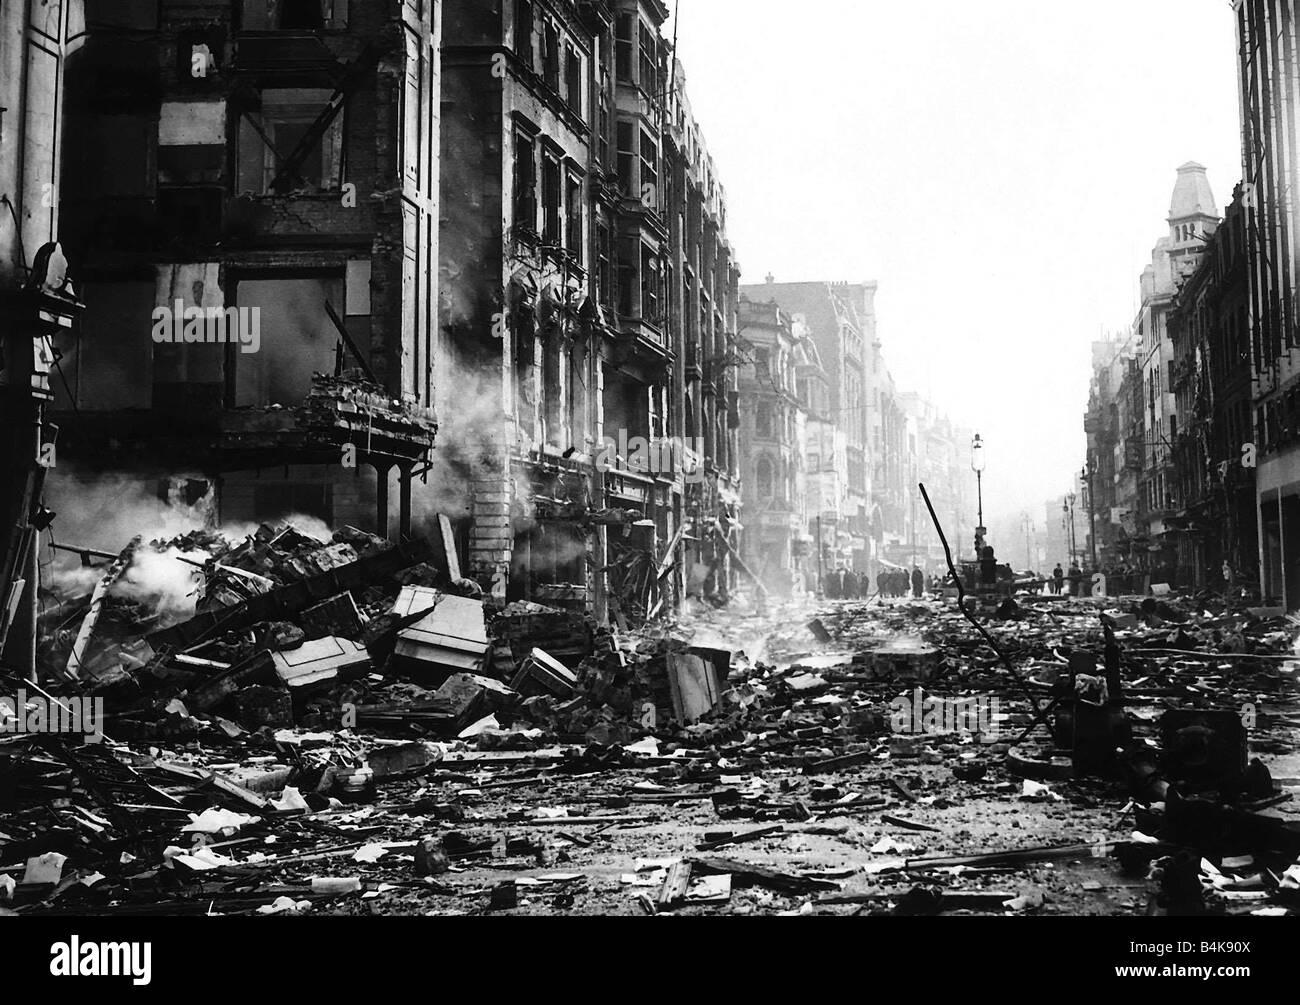 London Blitz damaged premises in Marylebone 1940 WW2 - Stock Image